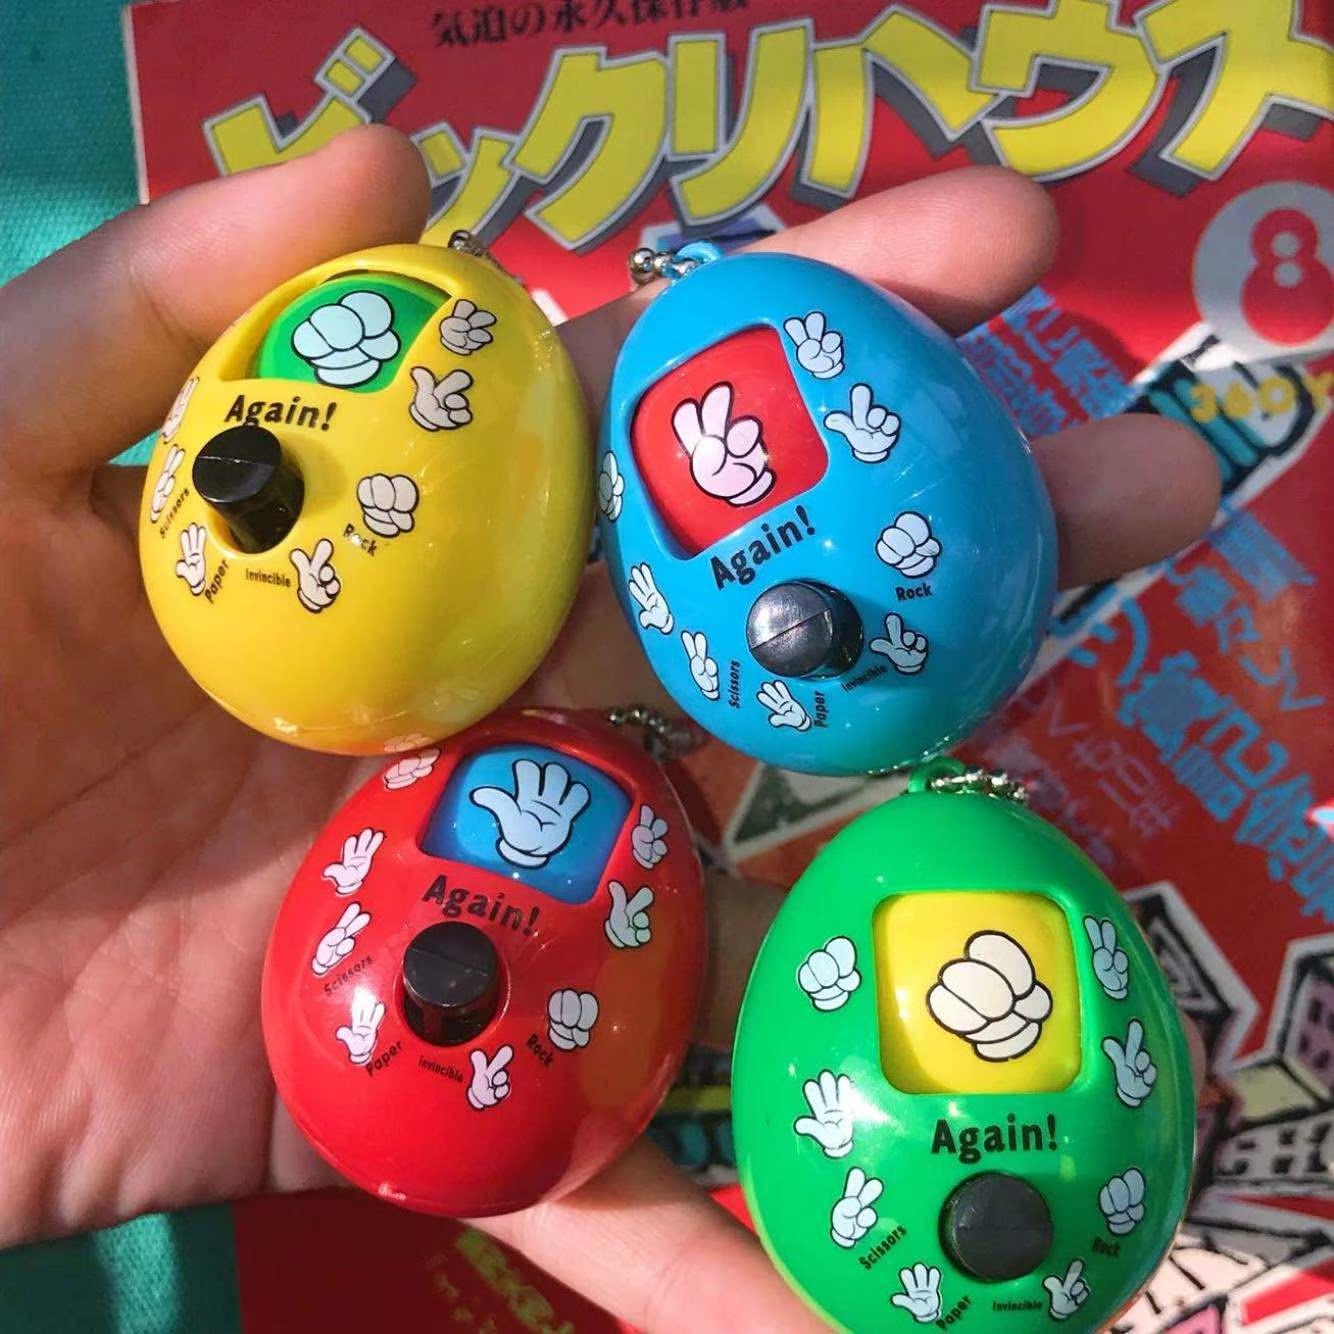 石头剪刀布玩具蛋公平对决机鸡钥匙扣链猜拳创意挂件趣味多人游戏,可领取3元淘宝优惠券